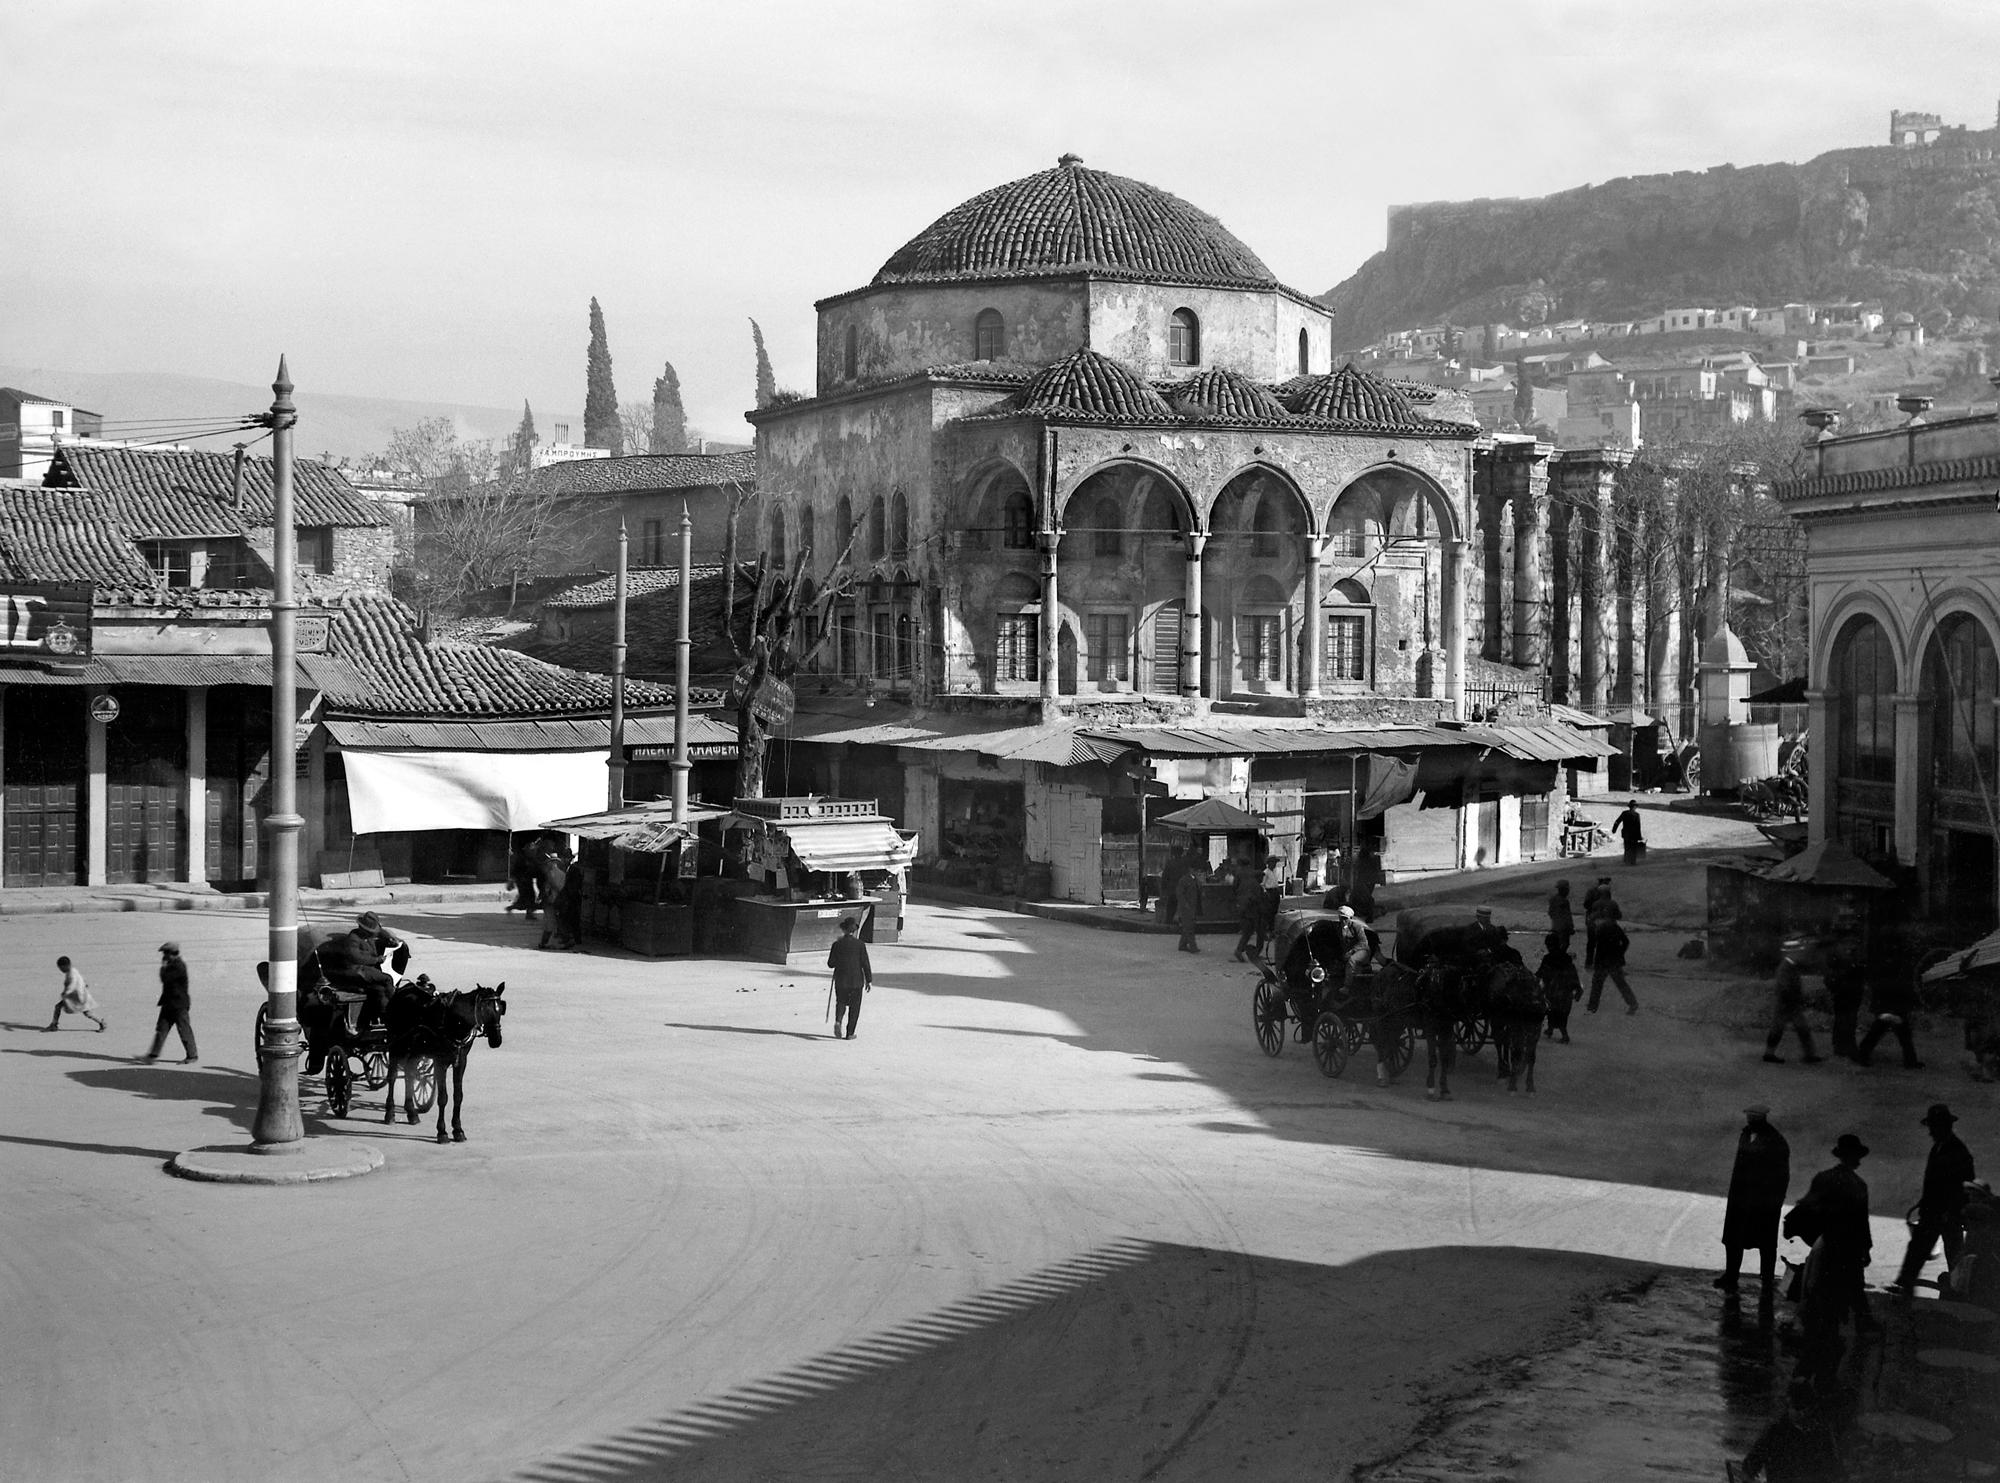 Nelly's, Το Τζαμί του Τζισδαράκη στο Μοναστηράκι, 1927-29